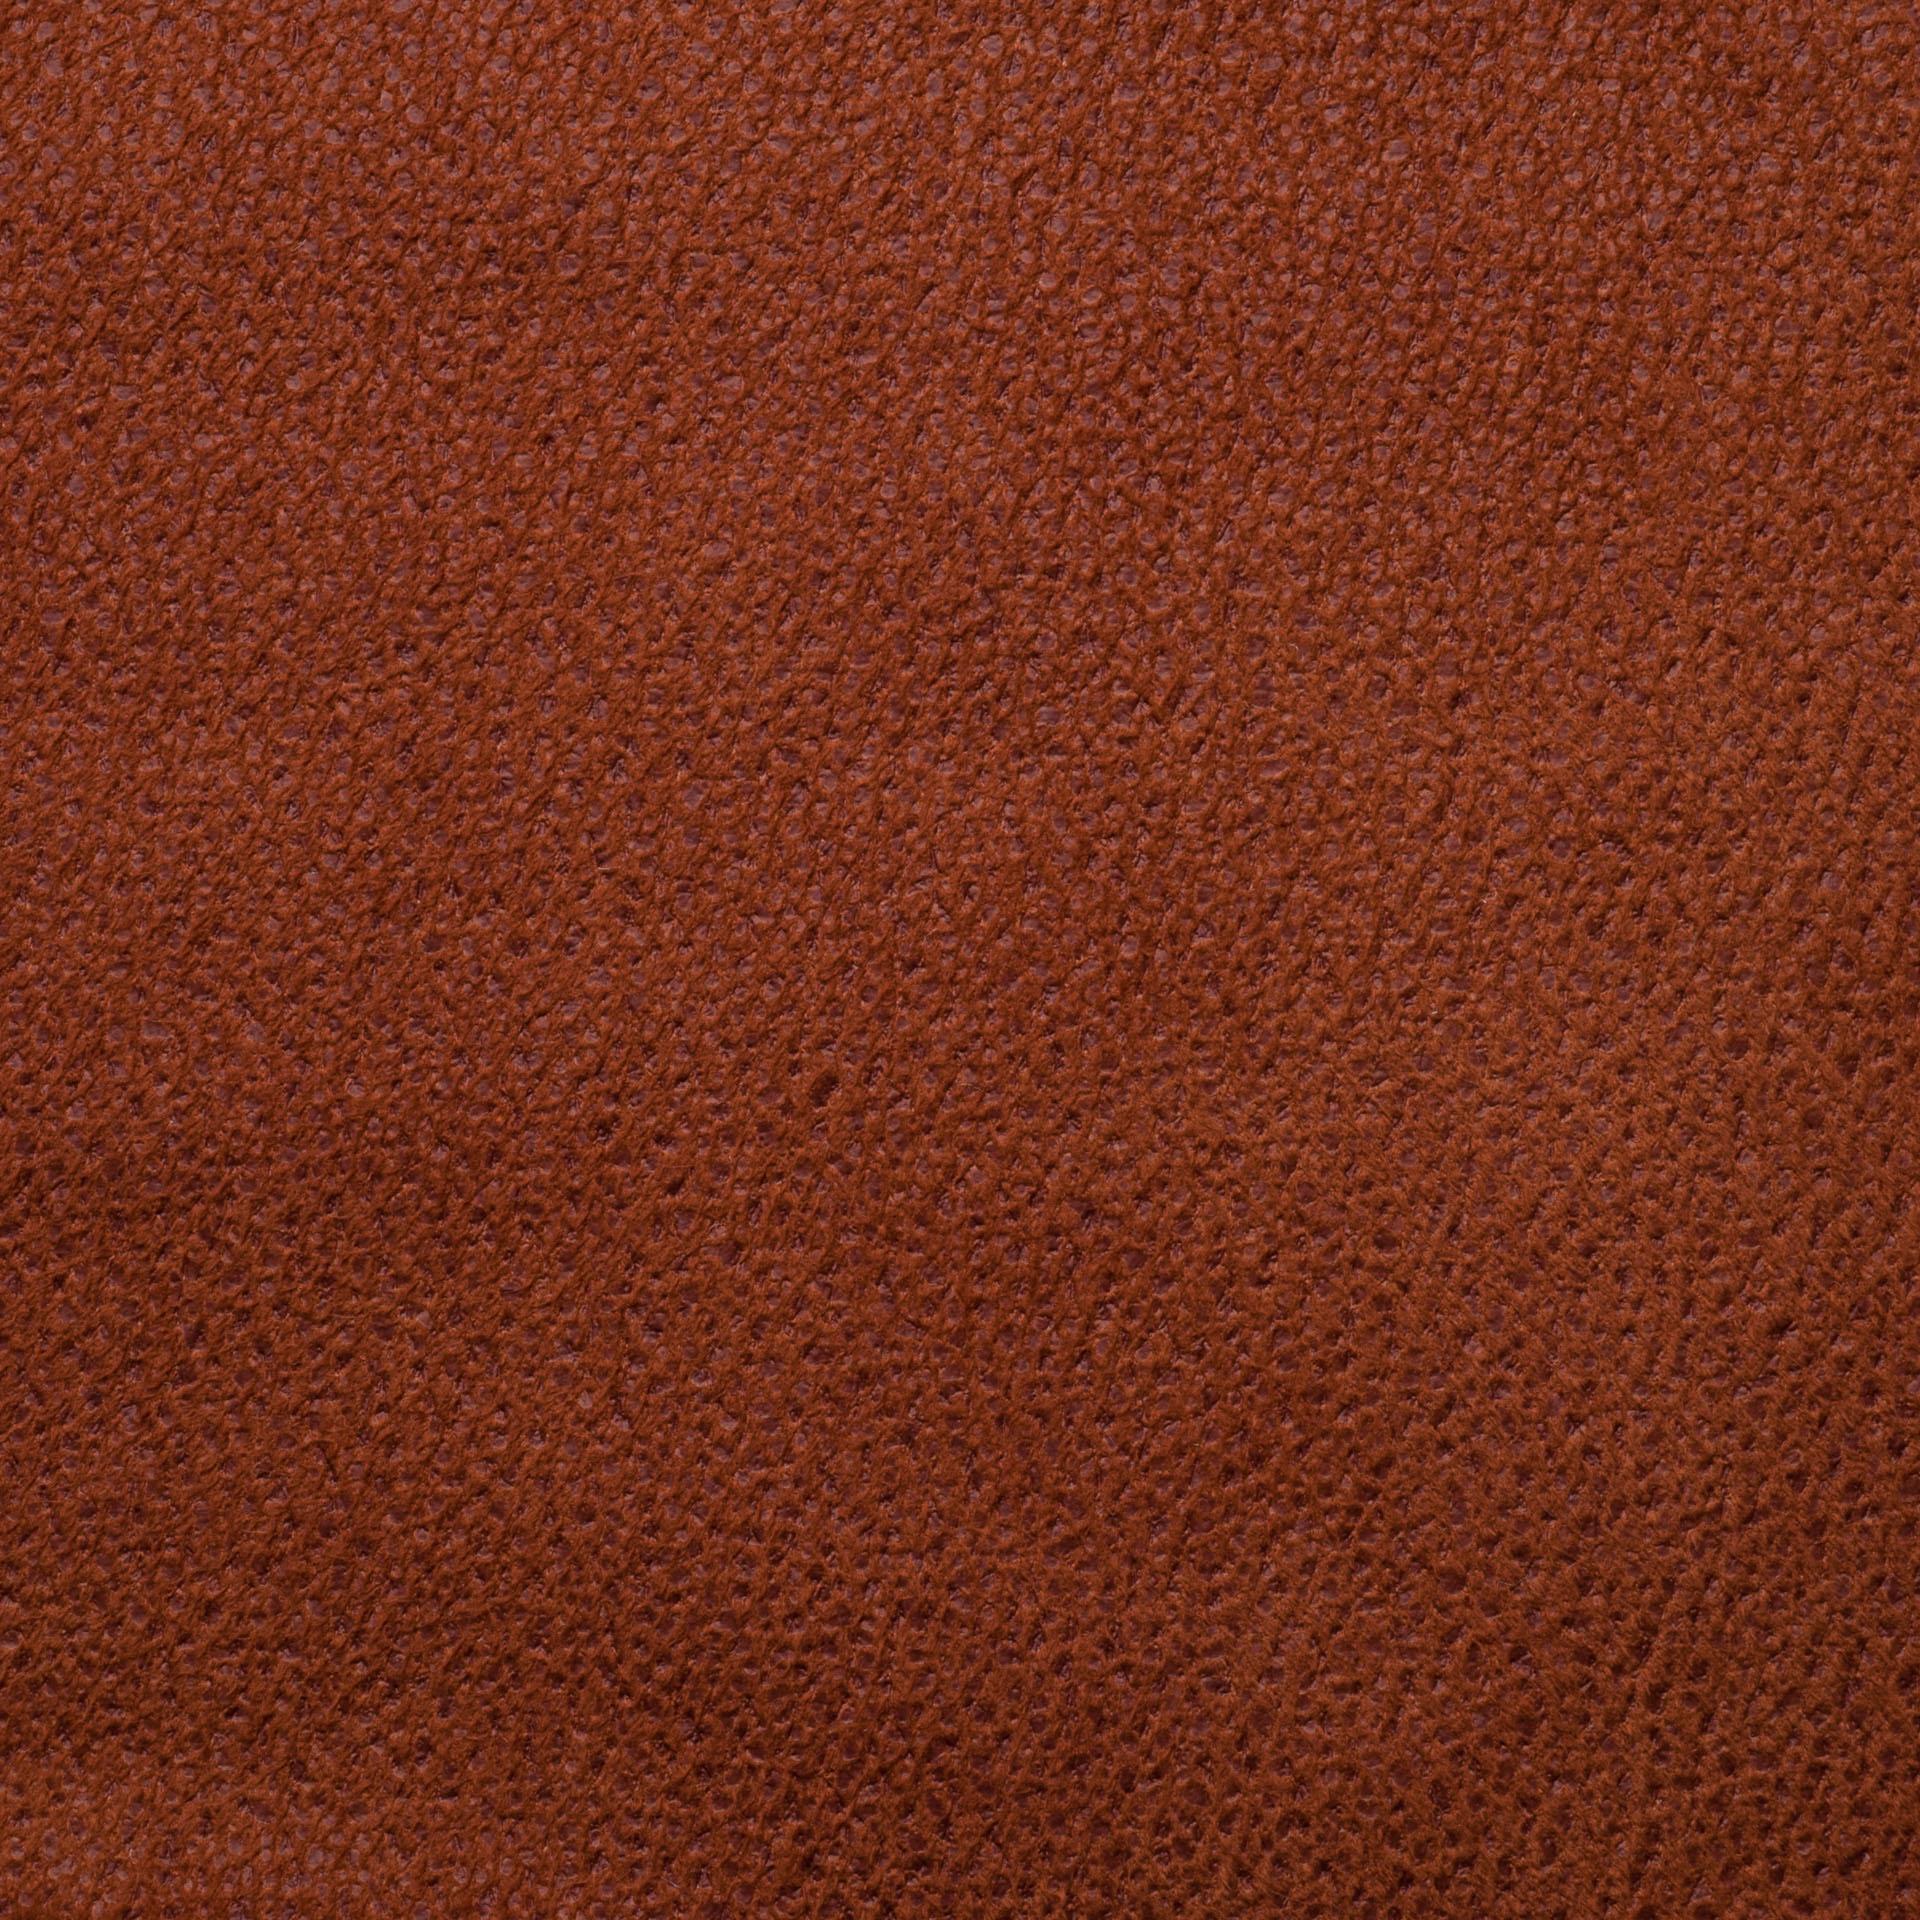 Коллекция ткани Мустанг RUST,  купить ткань Велюр для мебели Украина